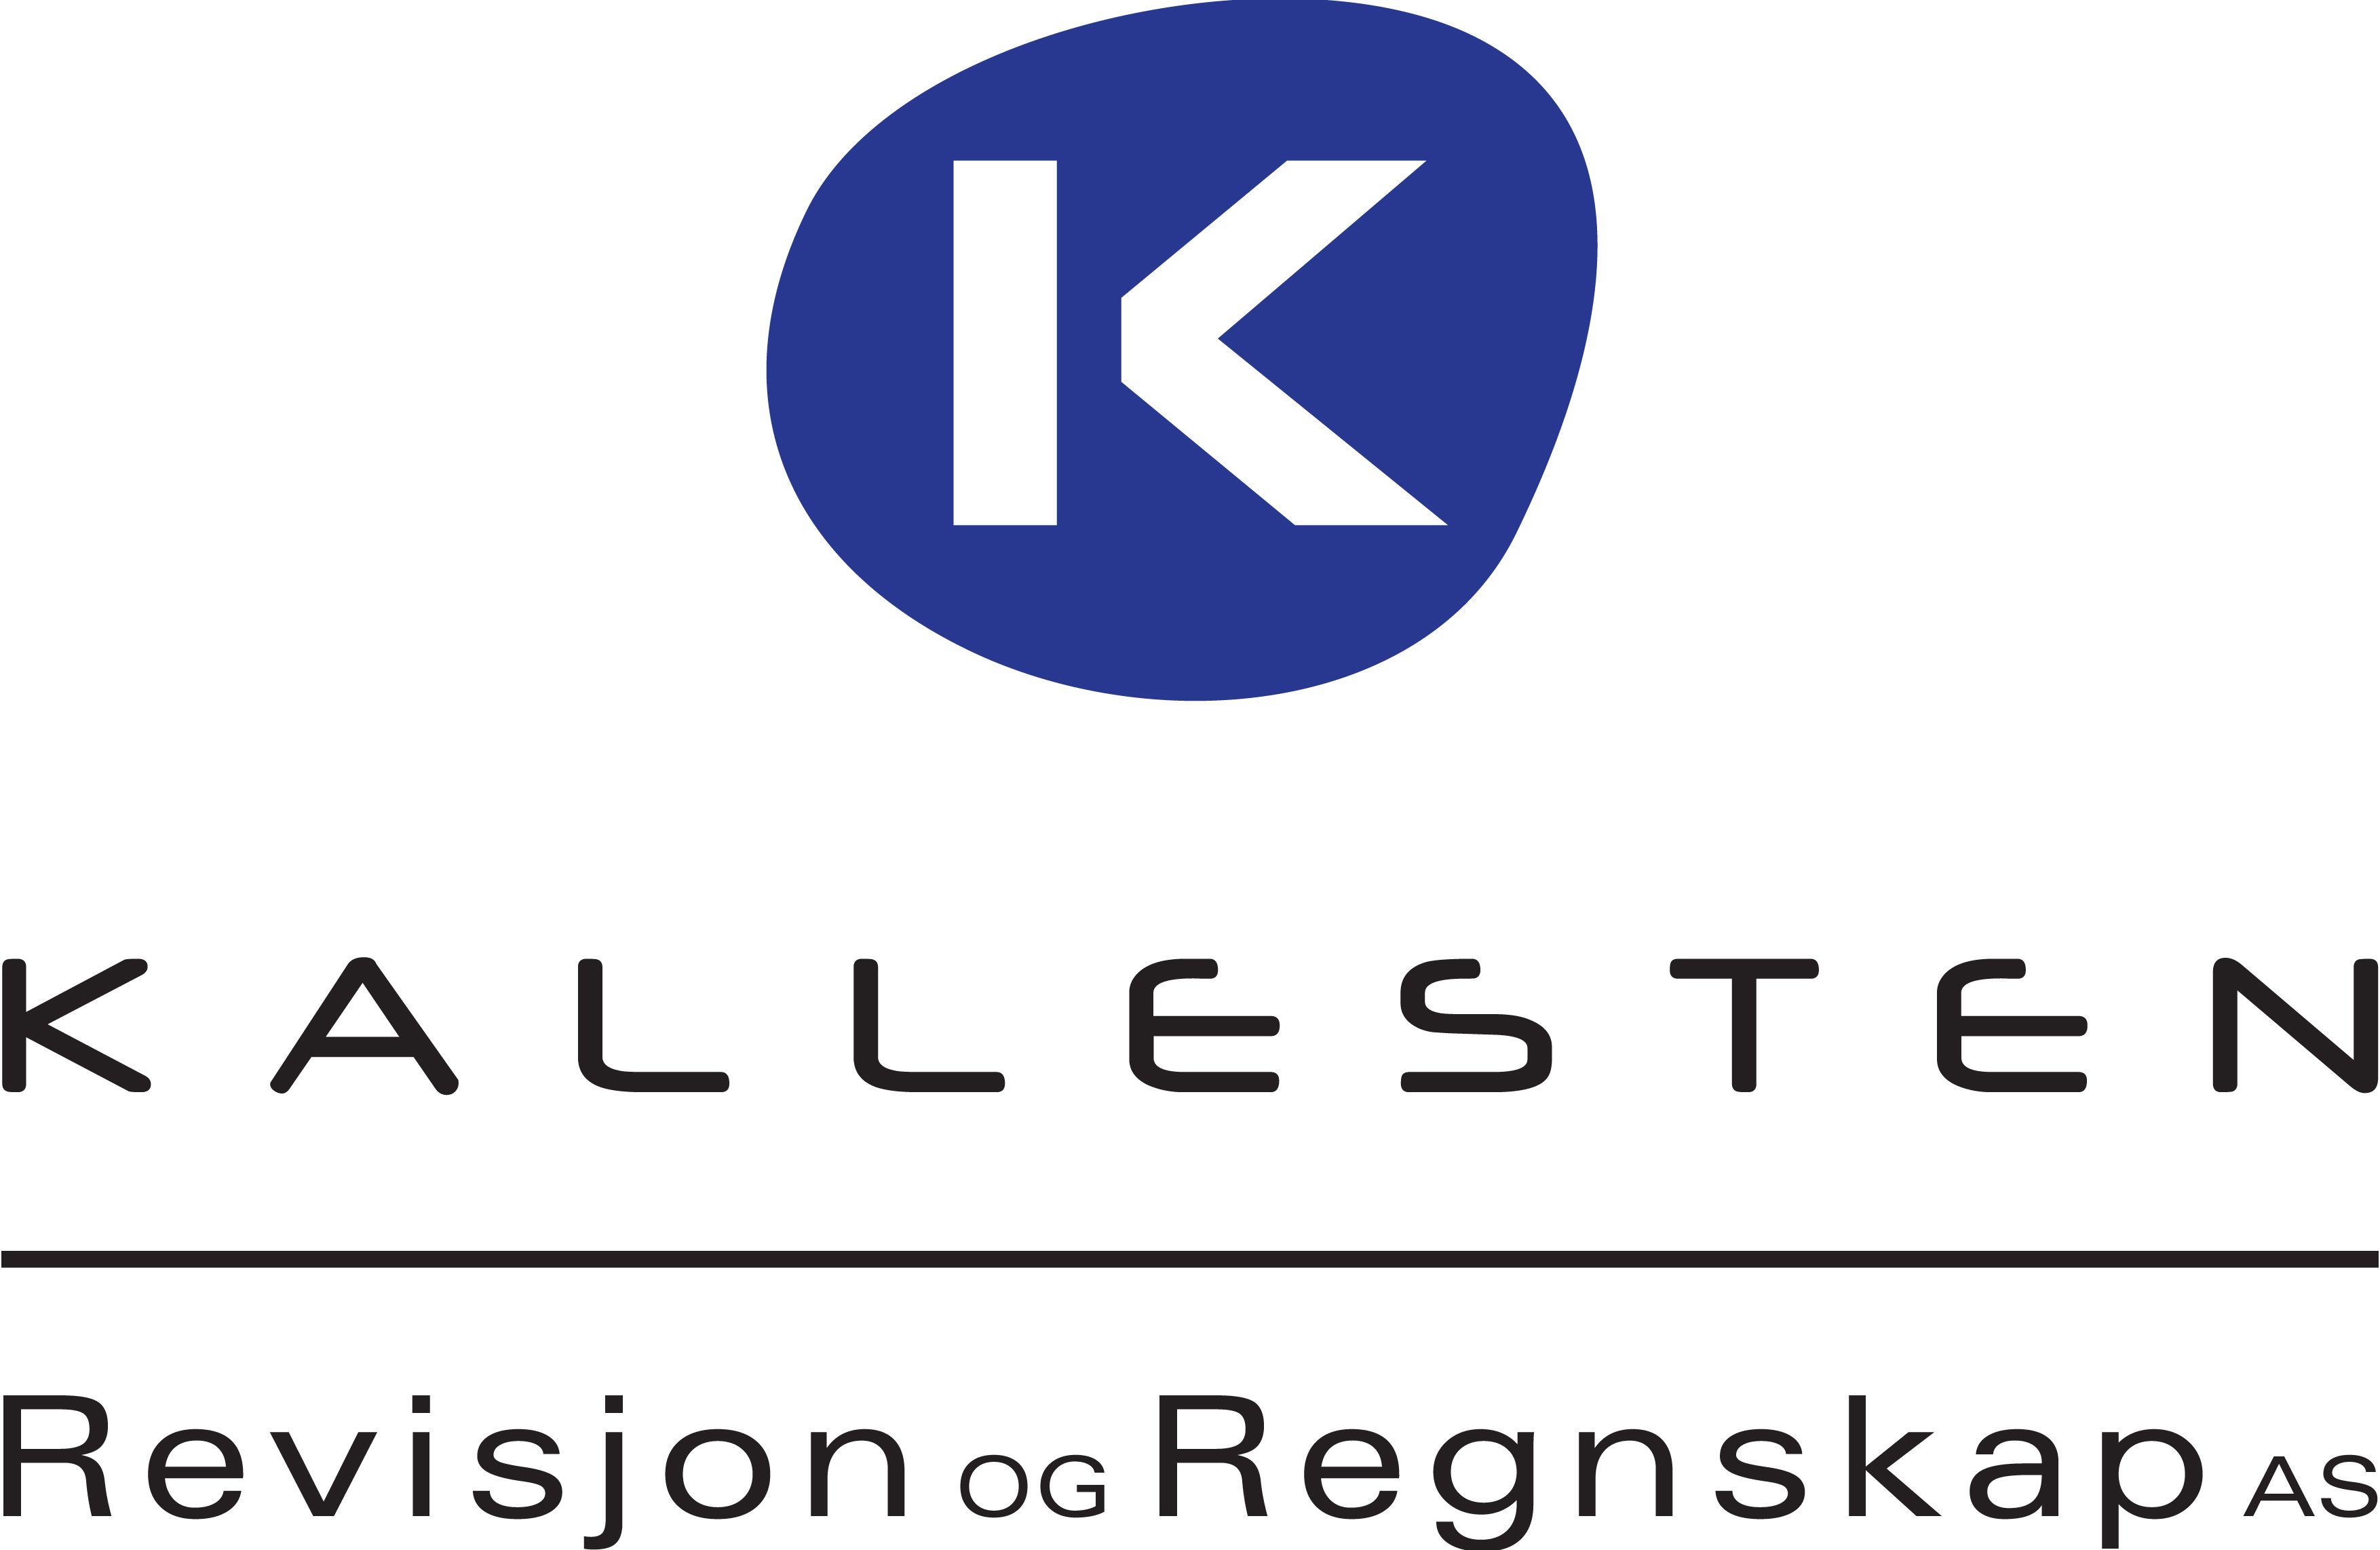 Kallesten Revisjon og Regnskap AS logo